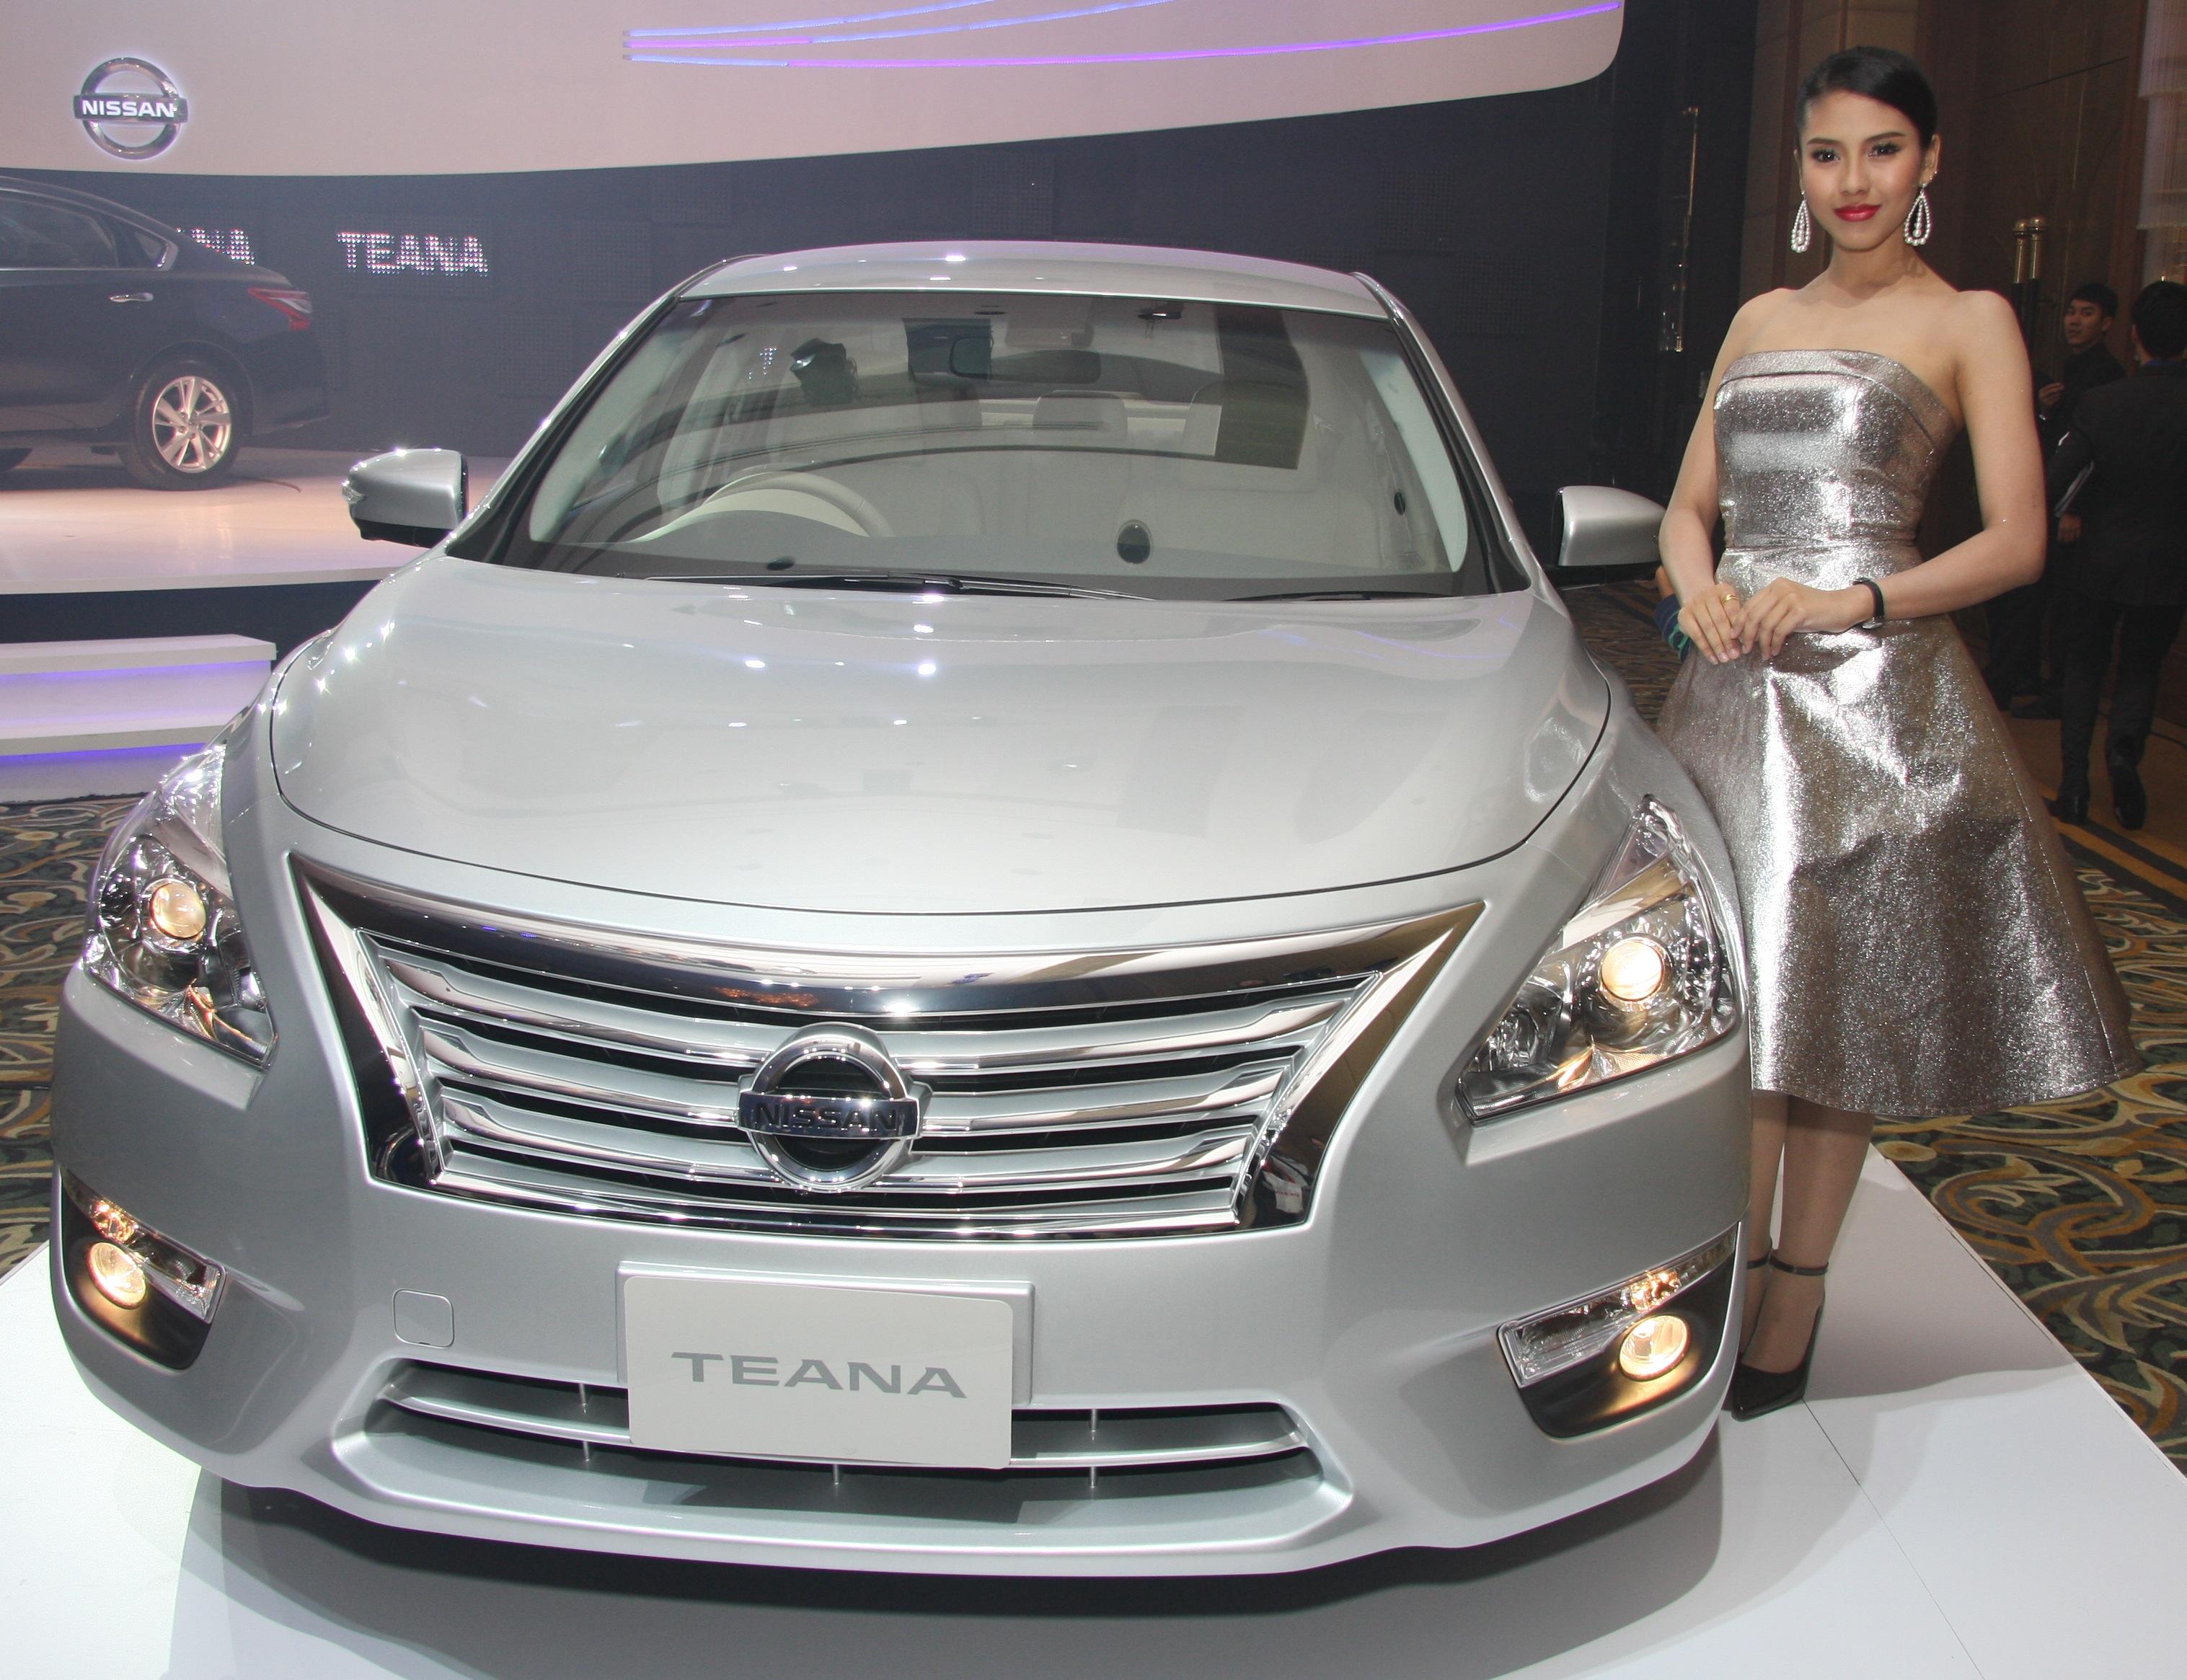 nissan teana luxury 2014